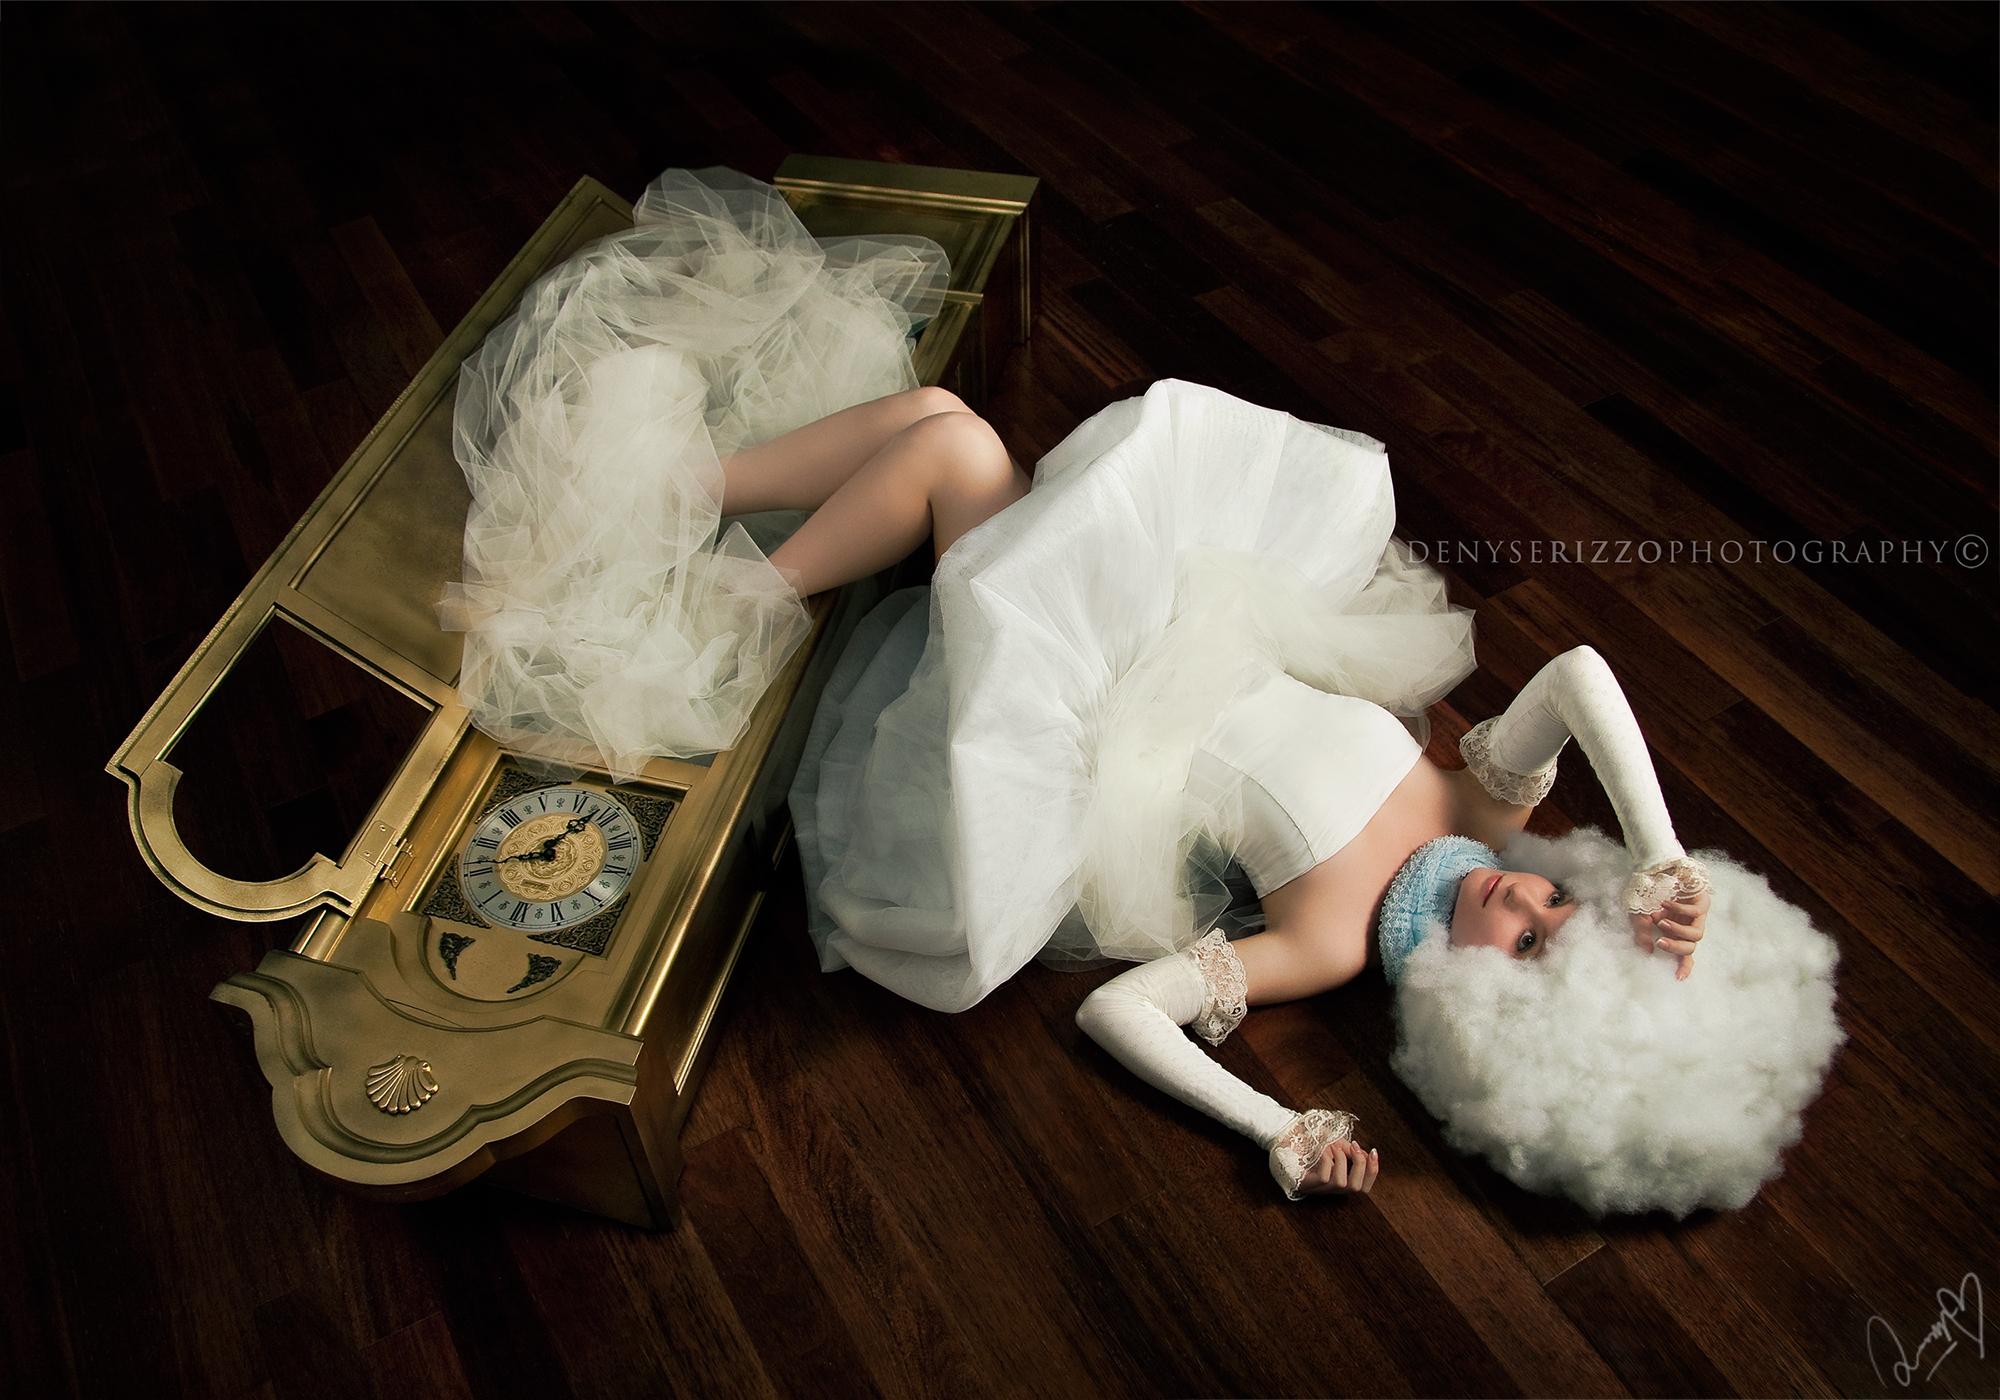 Hintergrundbilder : fallen, Weiß, Fotografie, Kleid, surreal, Mode ...